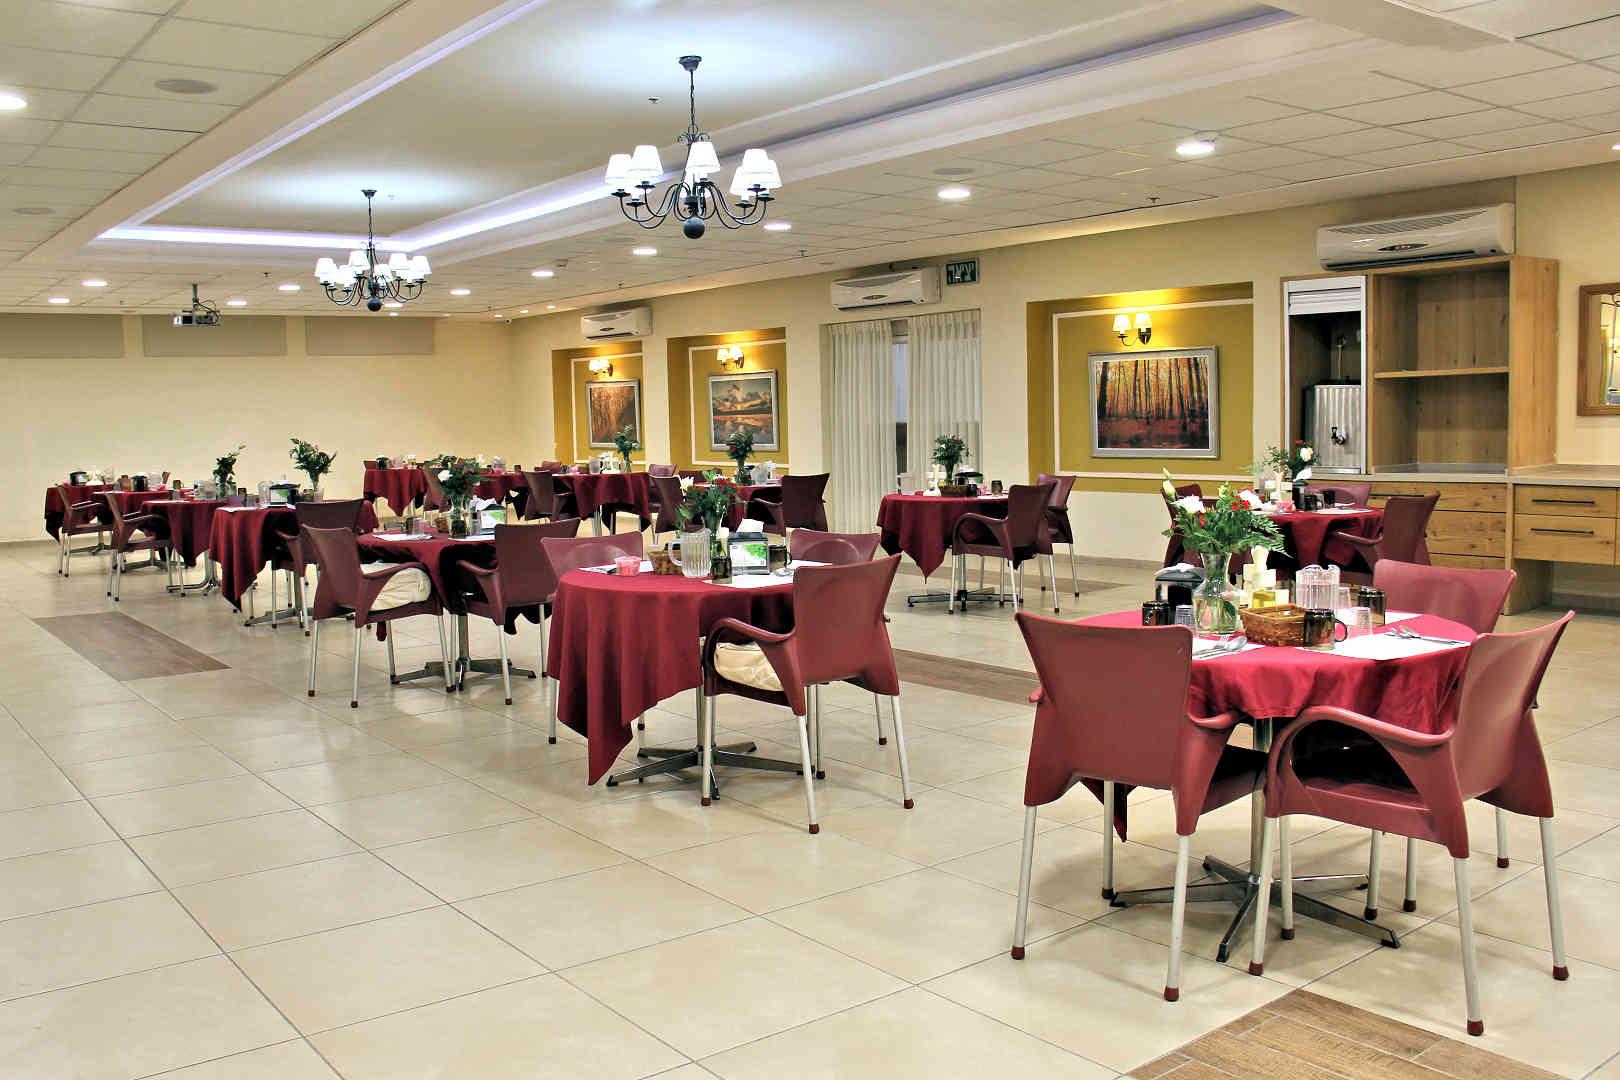 נוה הורים מושב זקנים המאוחד חדר אוכל